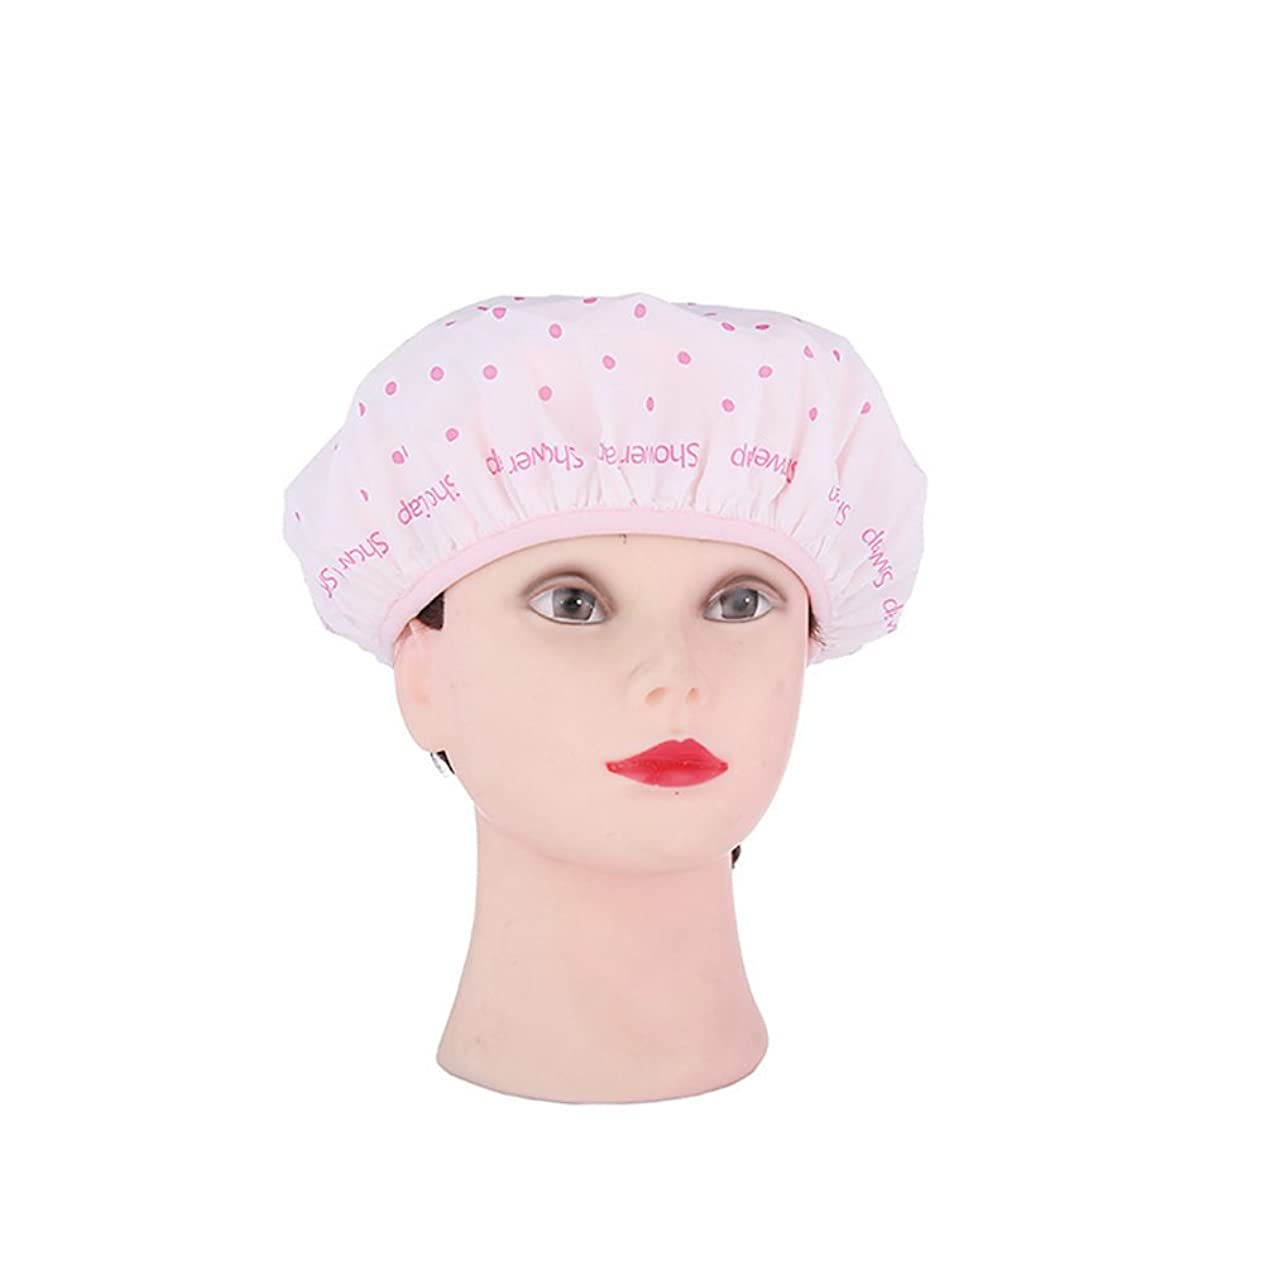 堤防夜明けに戸惑うROSENICE シャワーキャップ防水性モールド抵抗性の洗えるシャワーキャップかわいいやわらかい髪の帽子(ピンク)